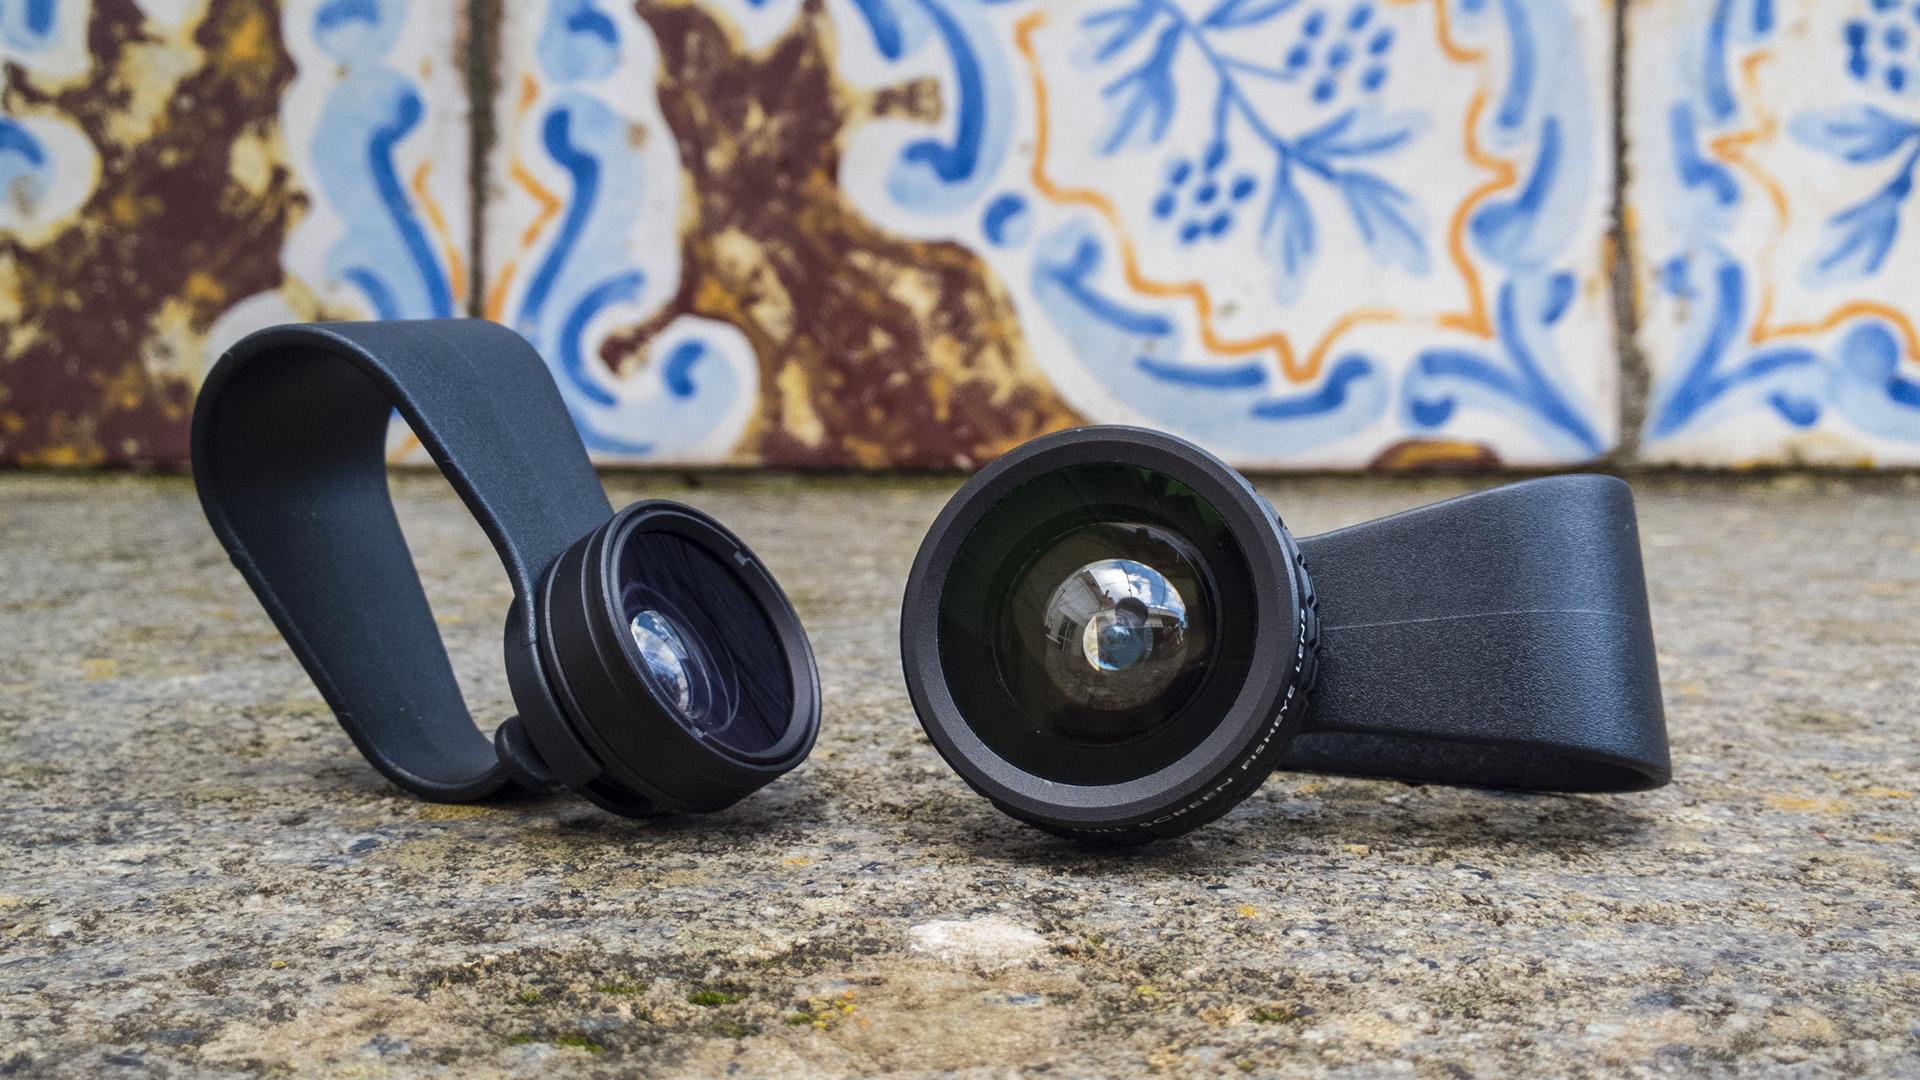 Recensione lenti Fish-Eye Macro Aukey smartphone Lumia (2)